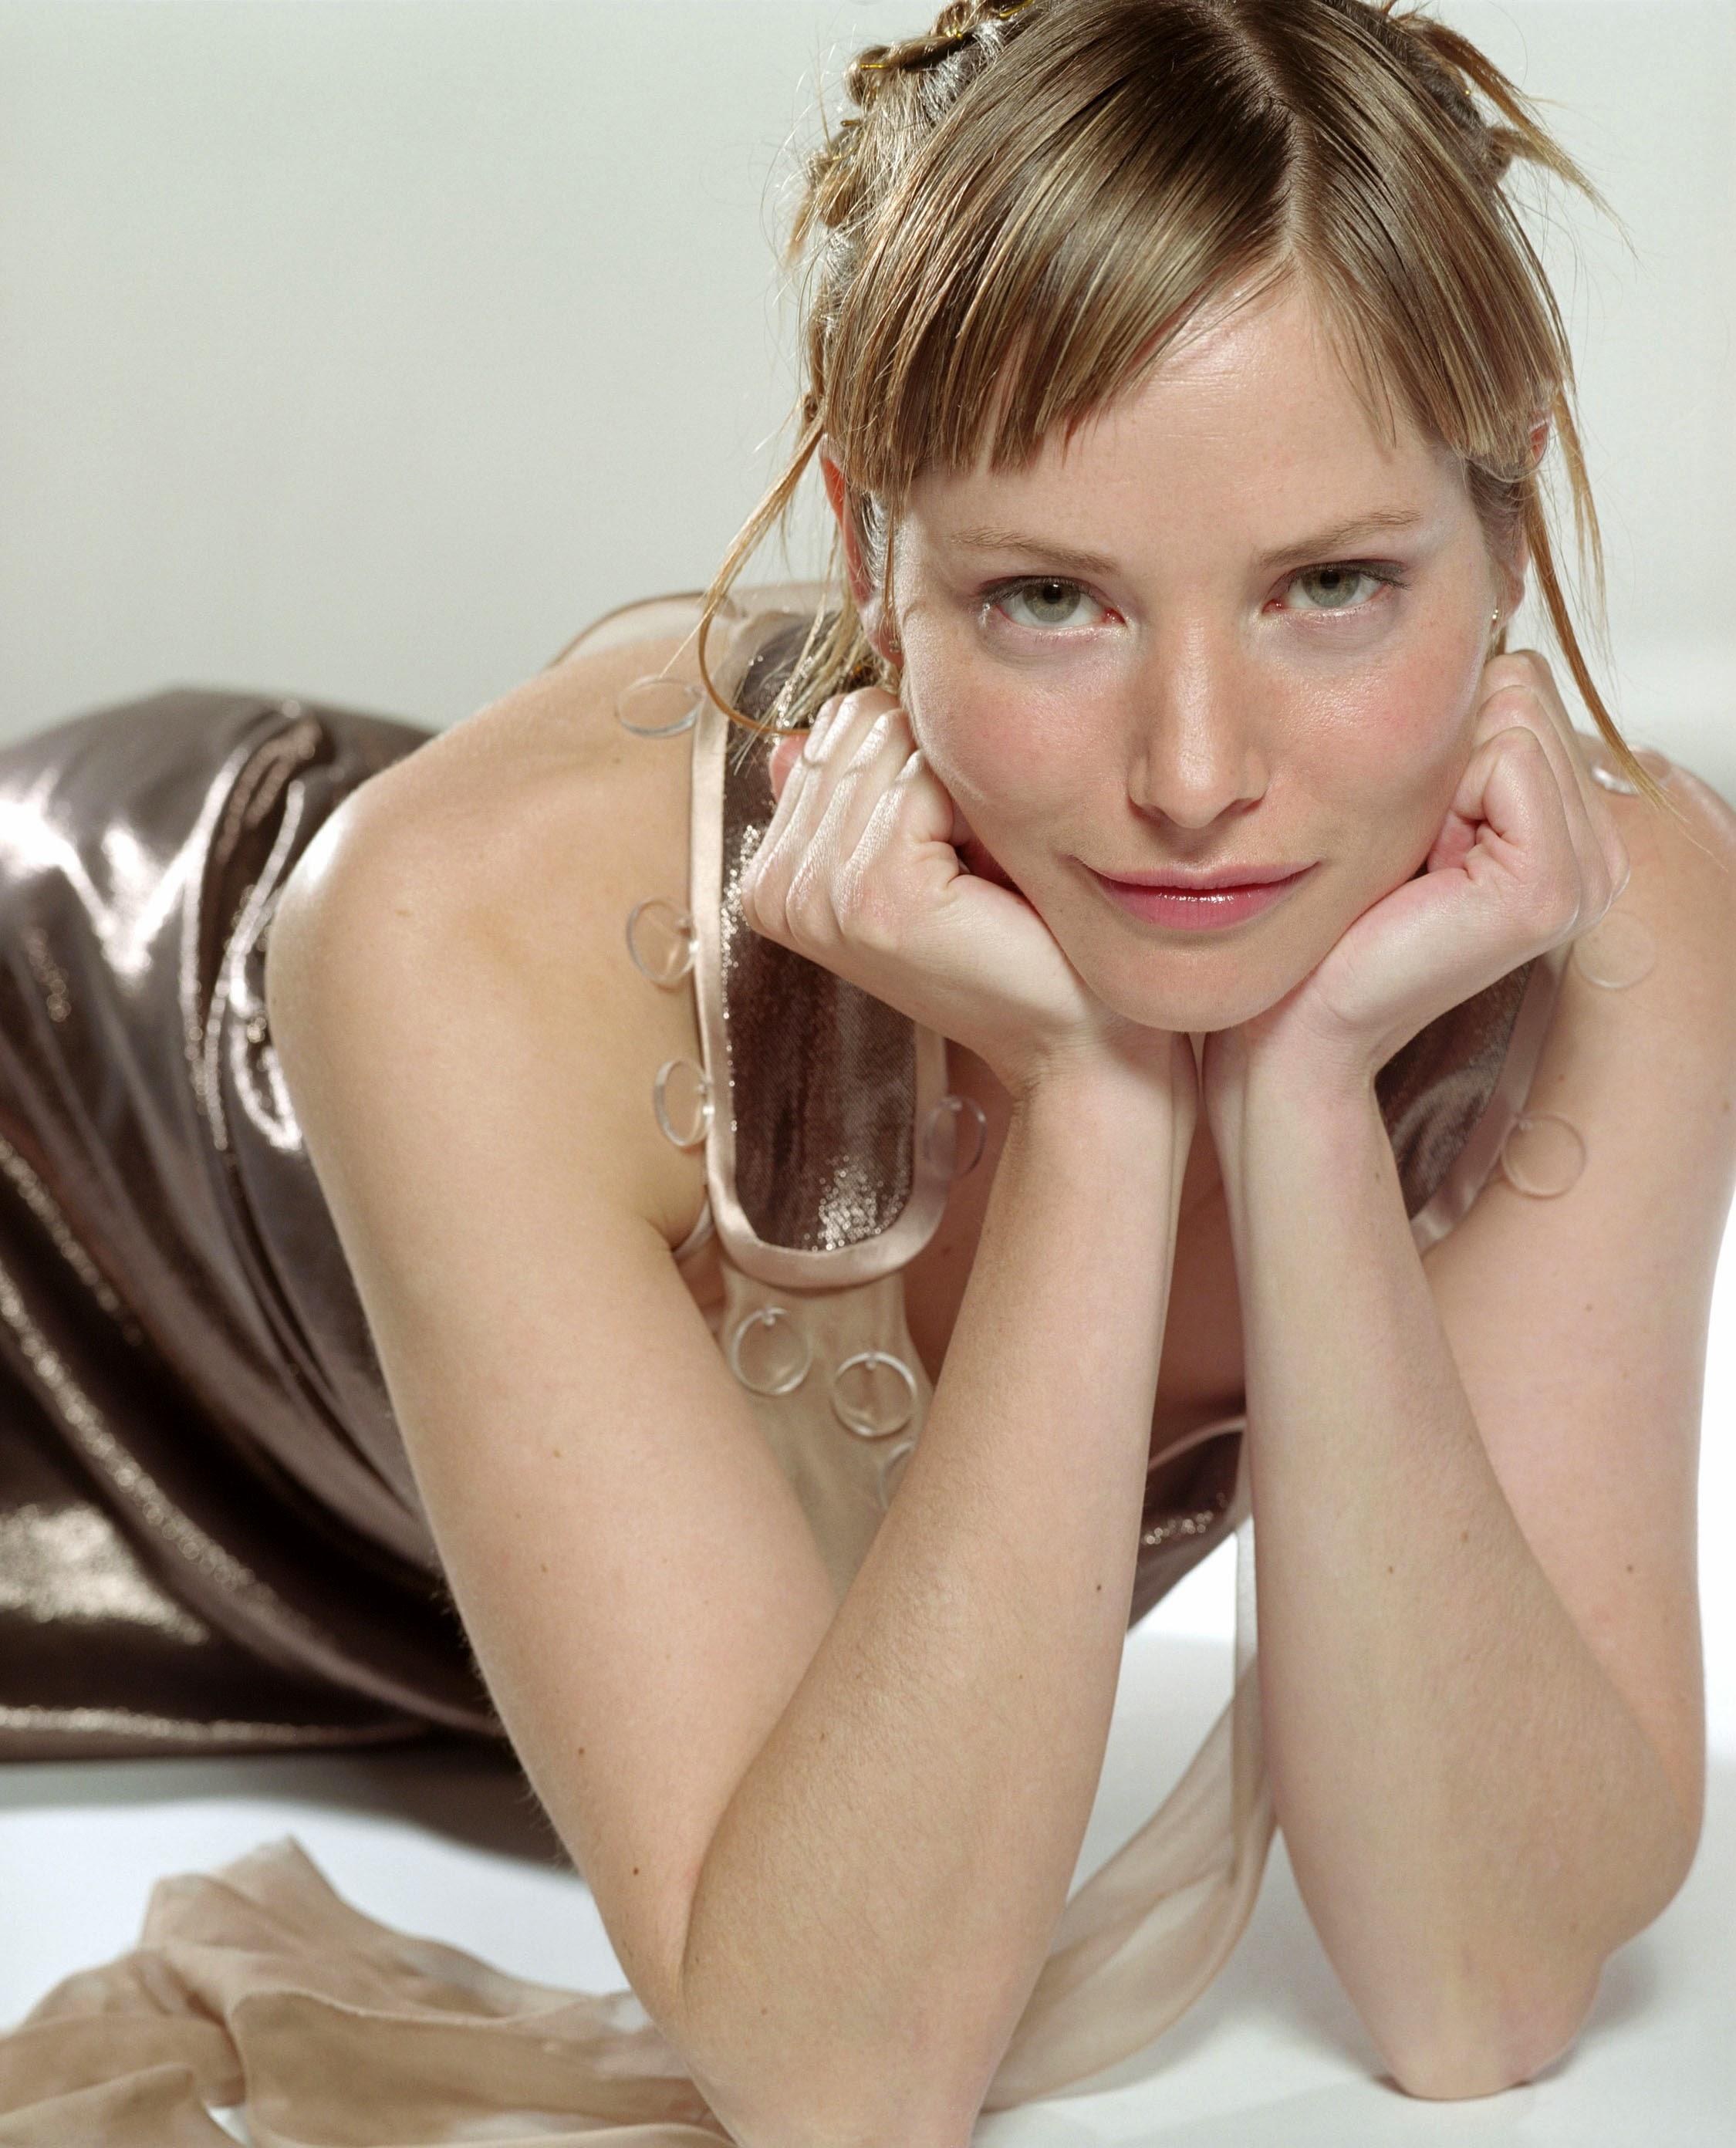 Nacktfotos von Kate Bosworth im Internet - Mediamass